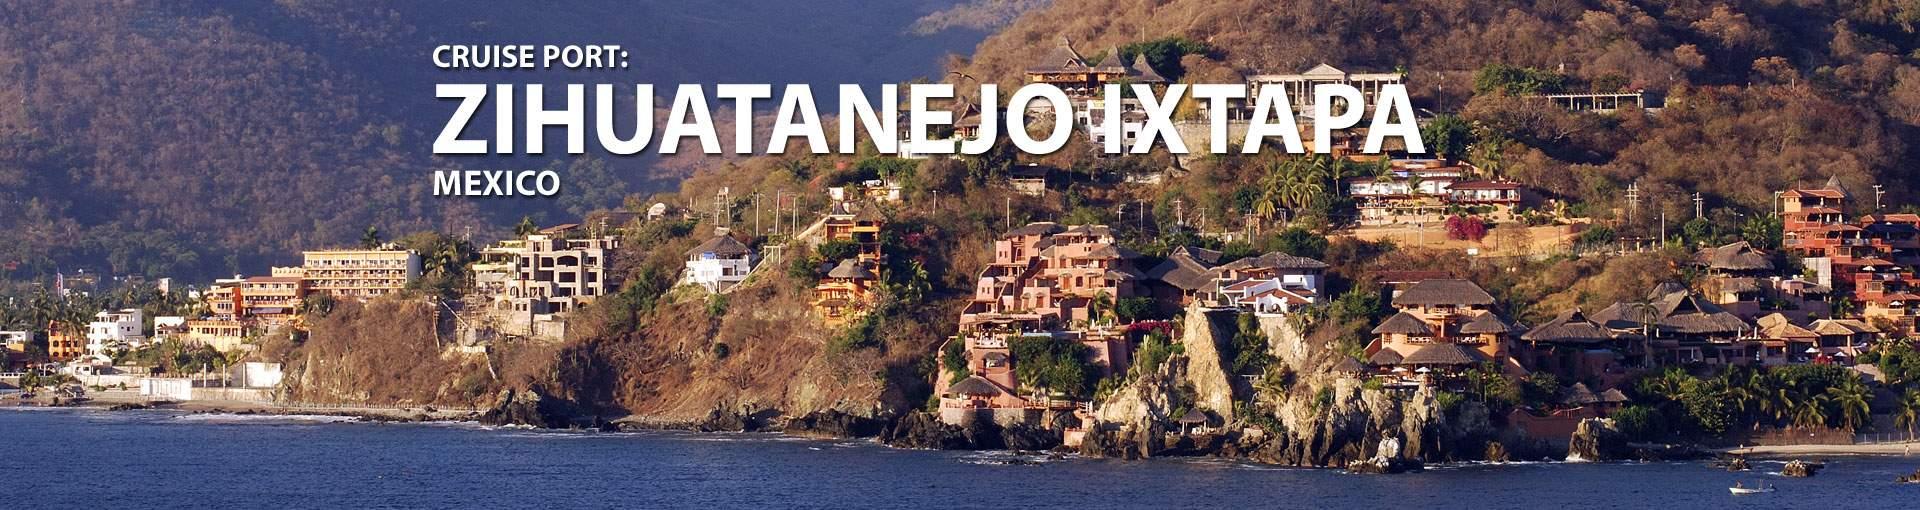 Cruises to Zihuatanejo Ixtapa, Mexico